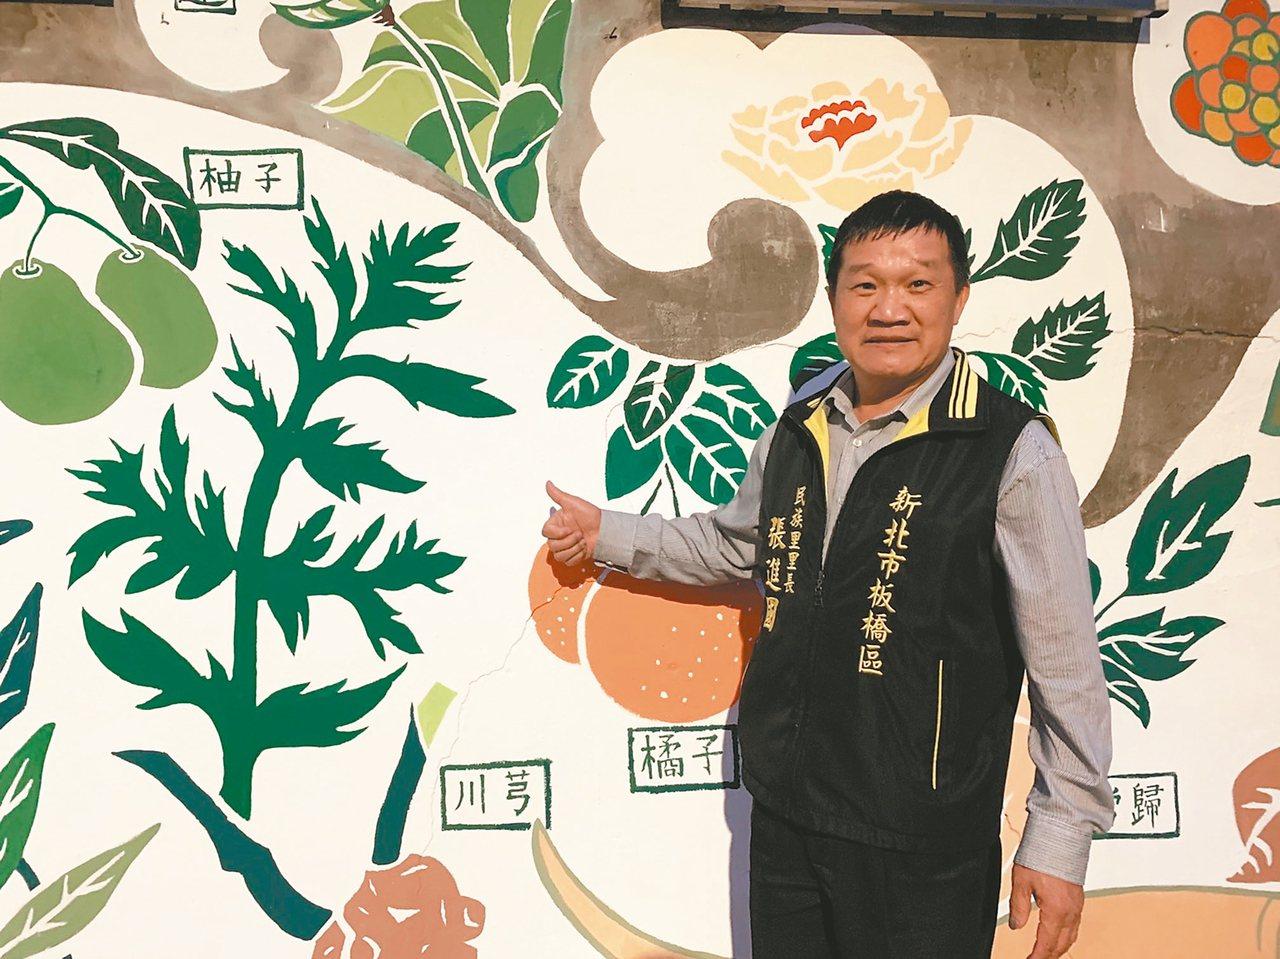 板橋民族里8月底畫上以中藥為主的彩繪牆獲好評,里長張進國盼將里內打造成有溫度的「...